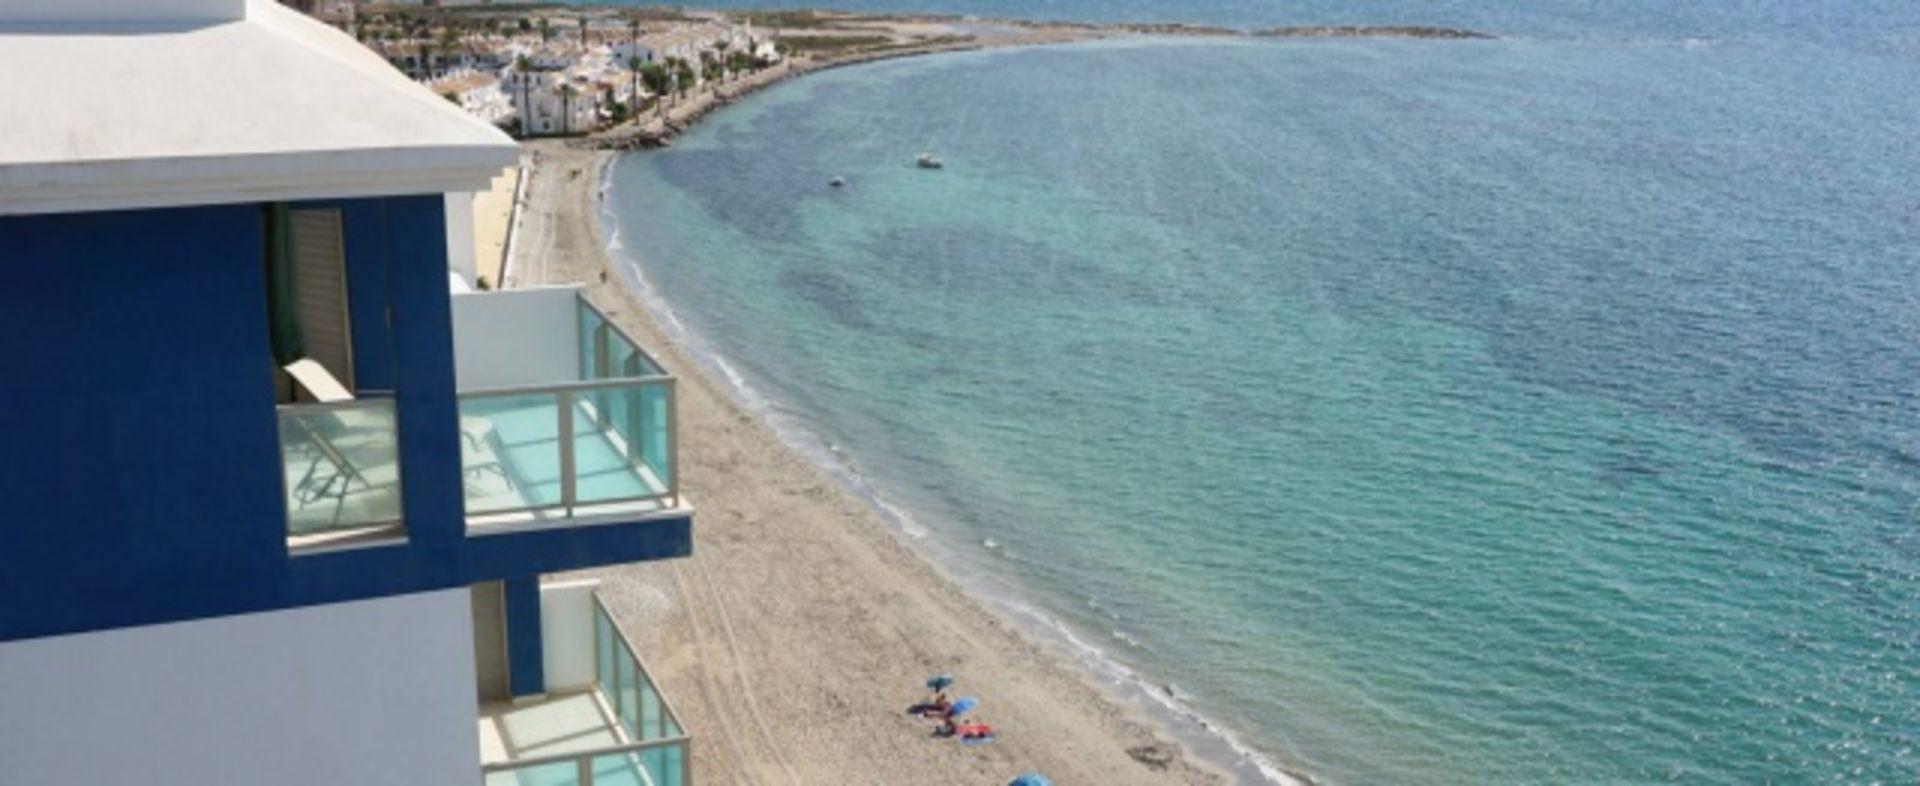 La Manga del Mar Menor, La Manga foto-1